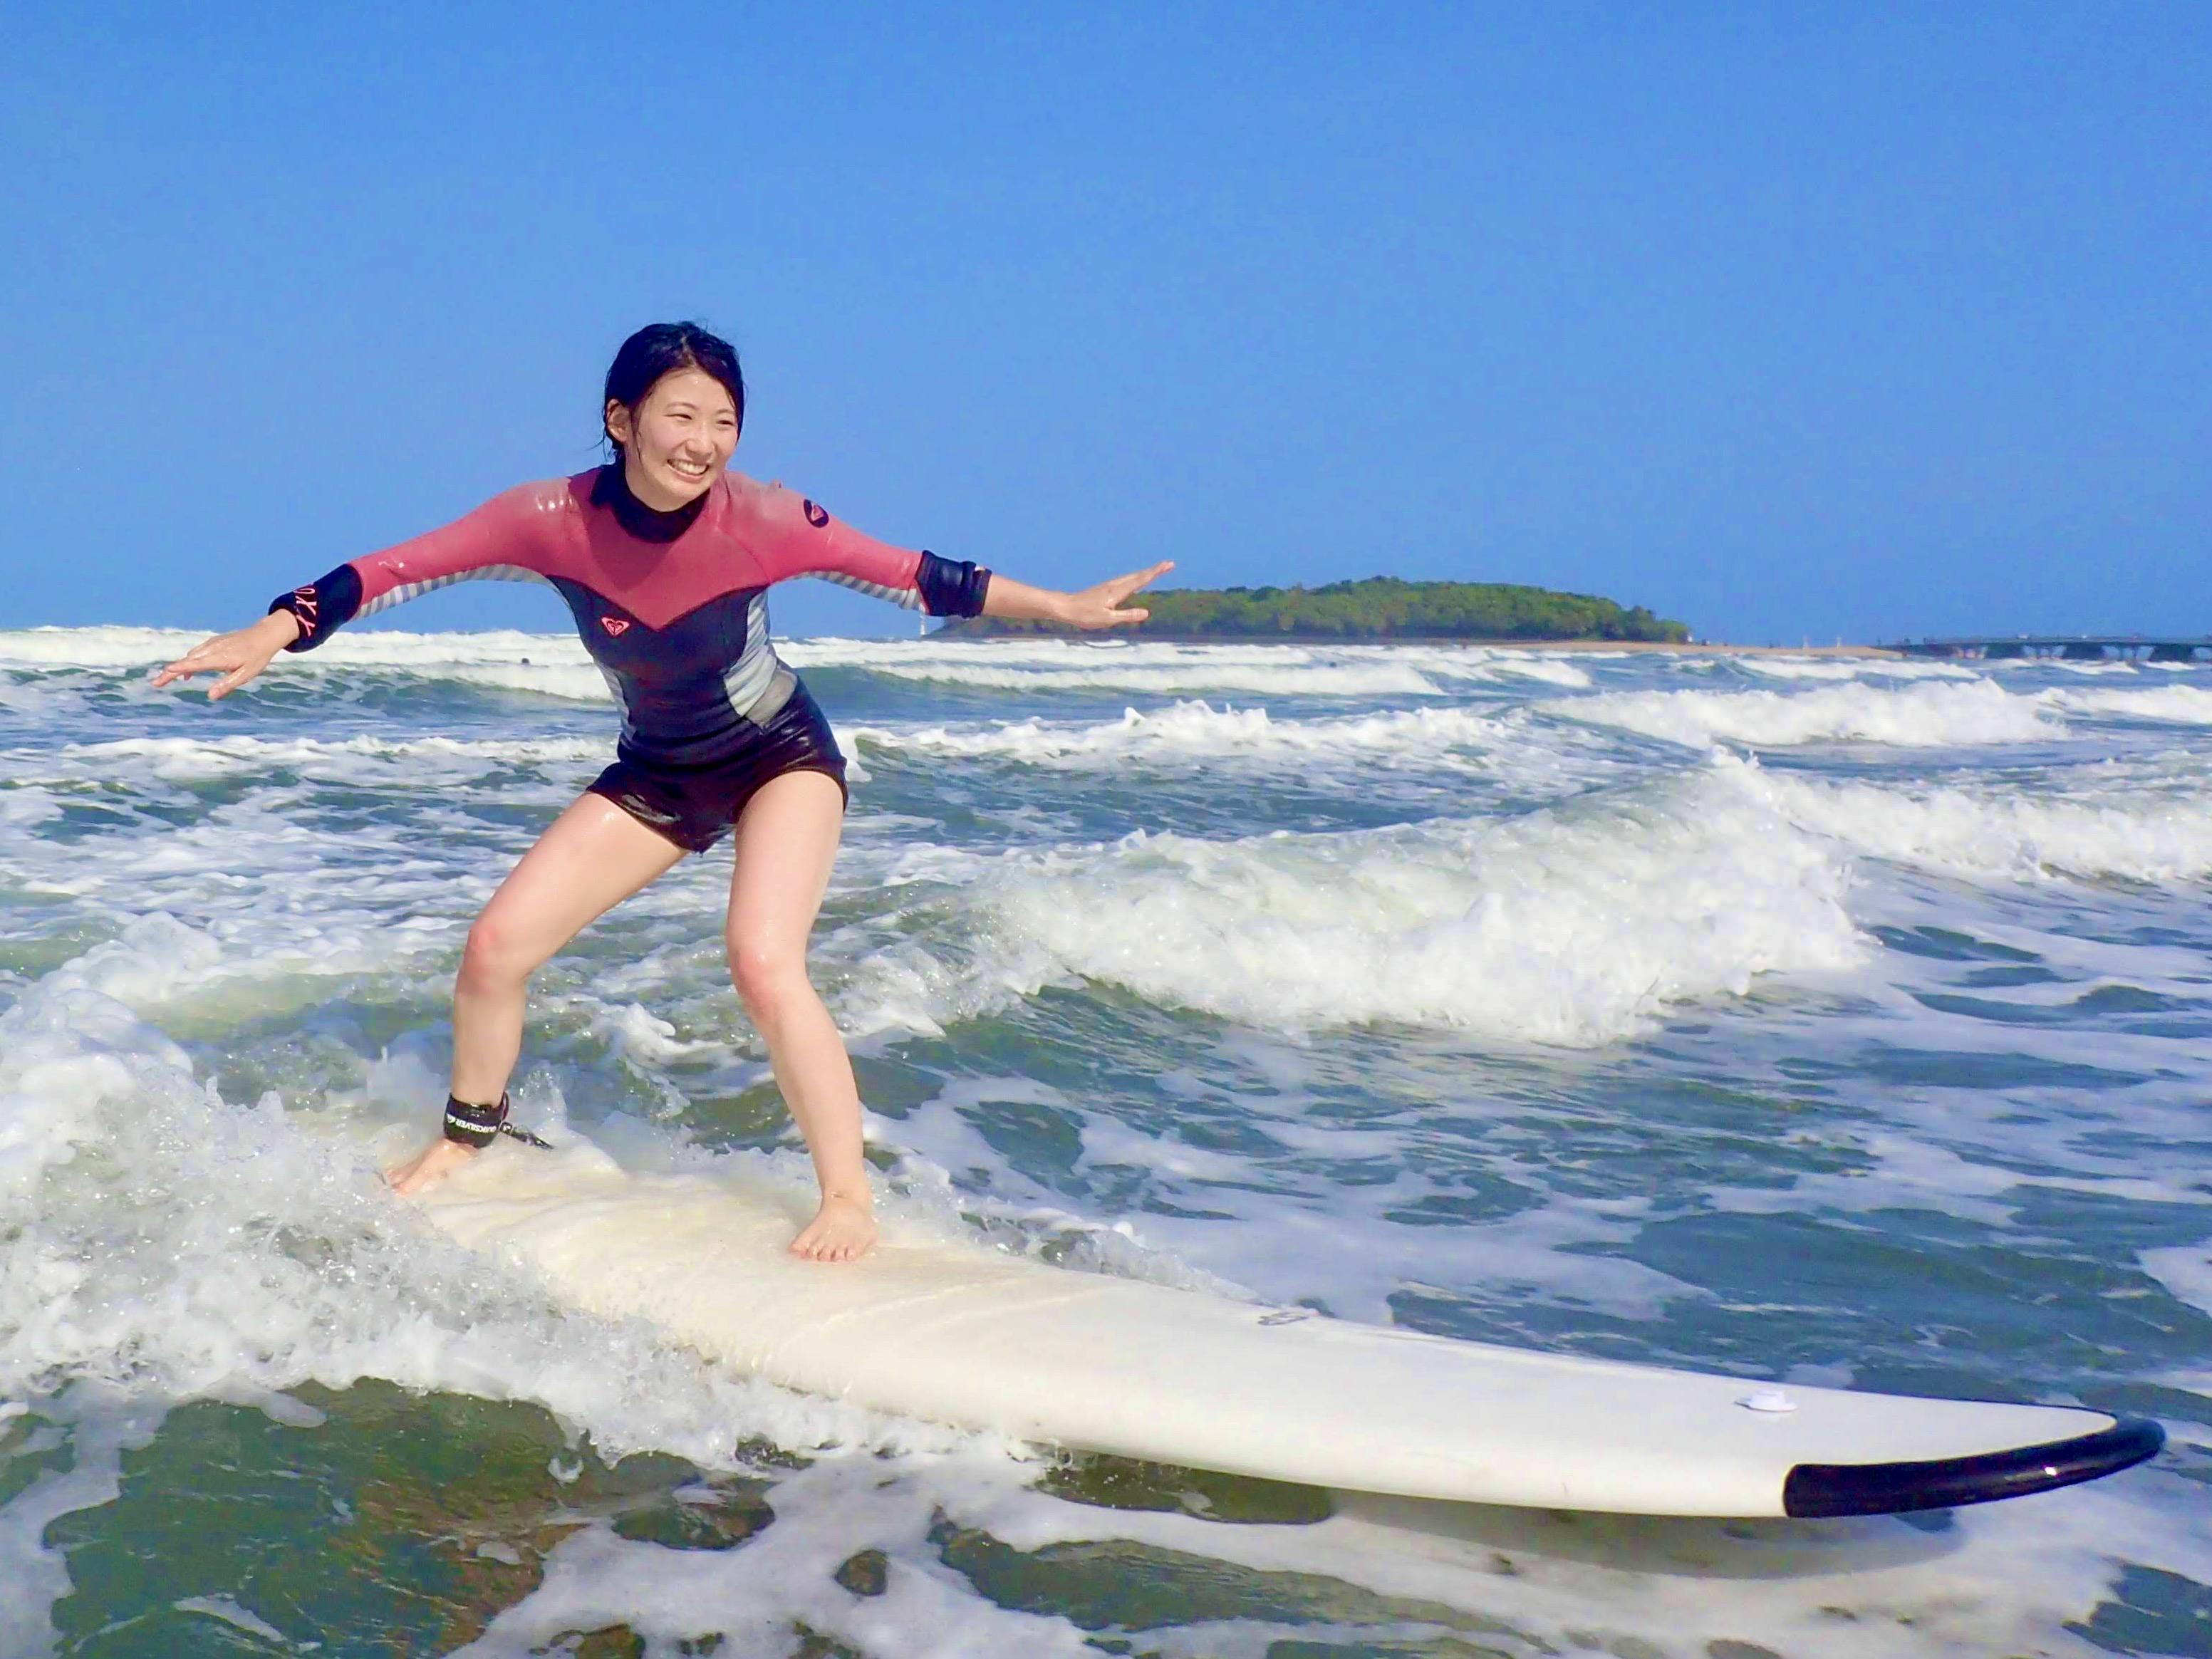 【新プラン】15:00「90分で波に乗ろう!はじめてのサーフィン体験」宮崎・青島...